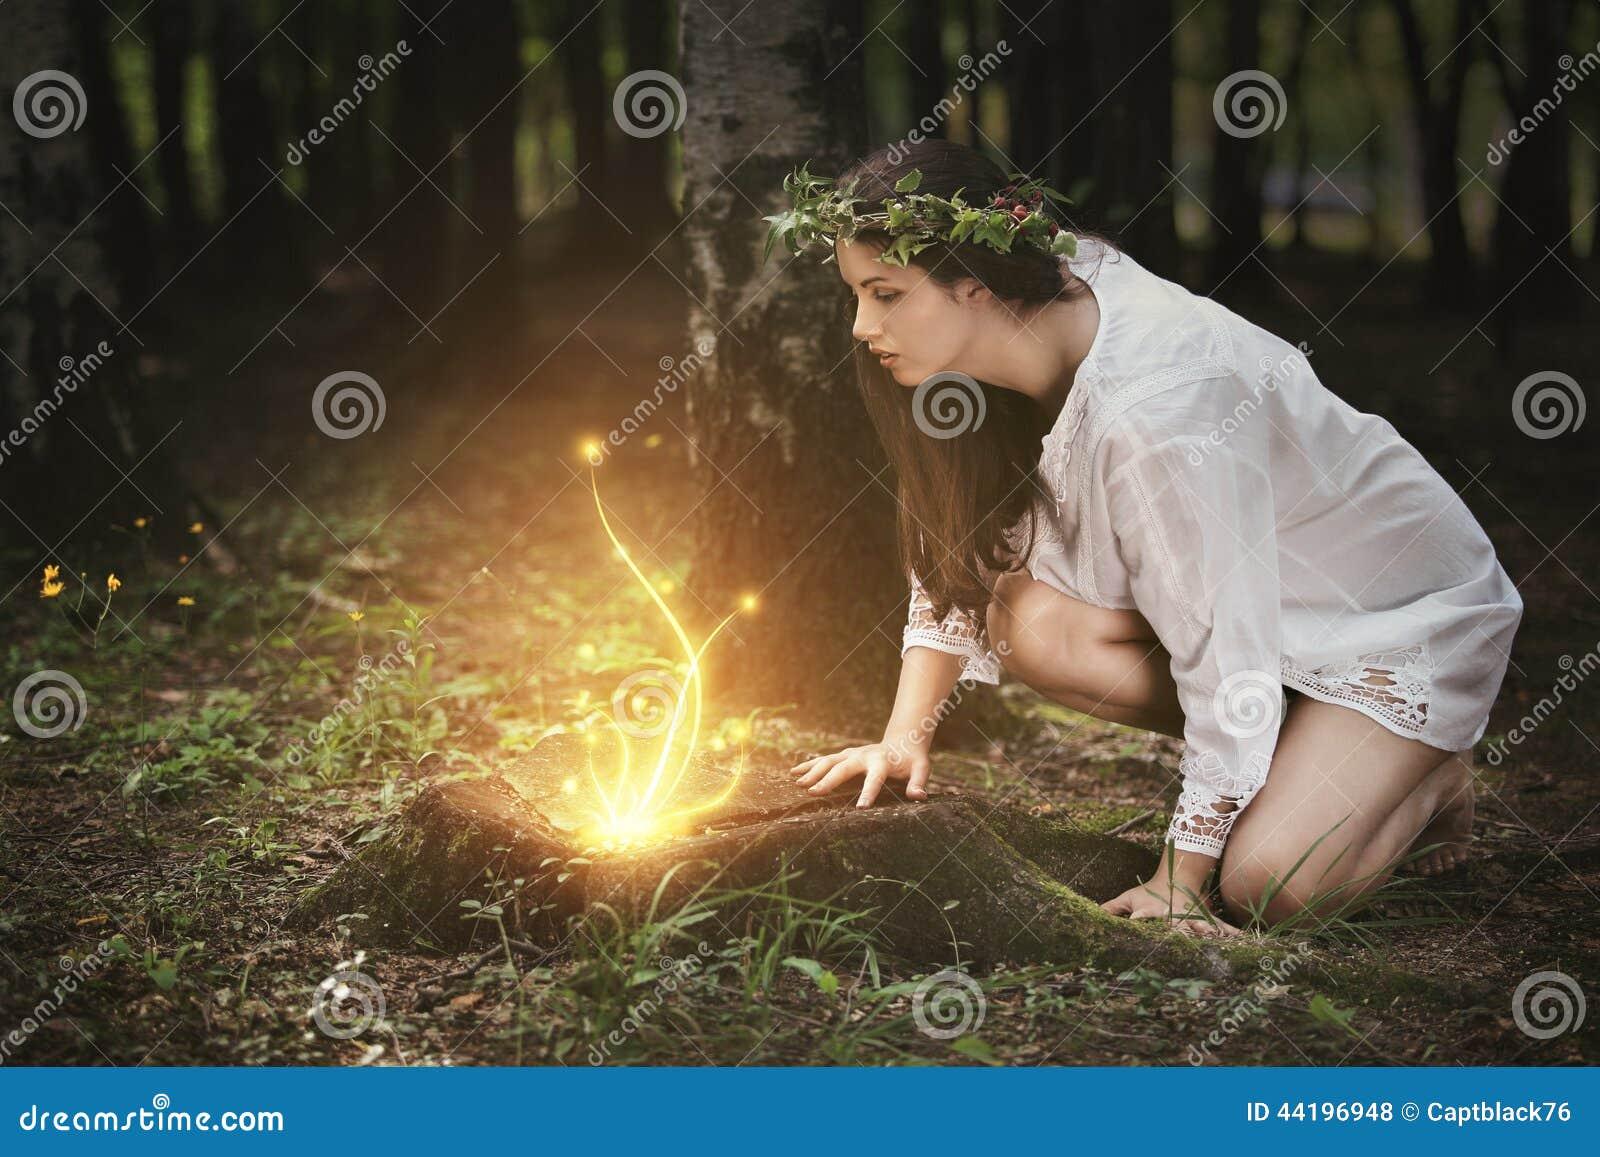 Feeënlichten in een magisch bos